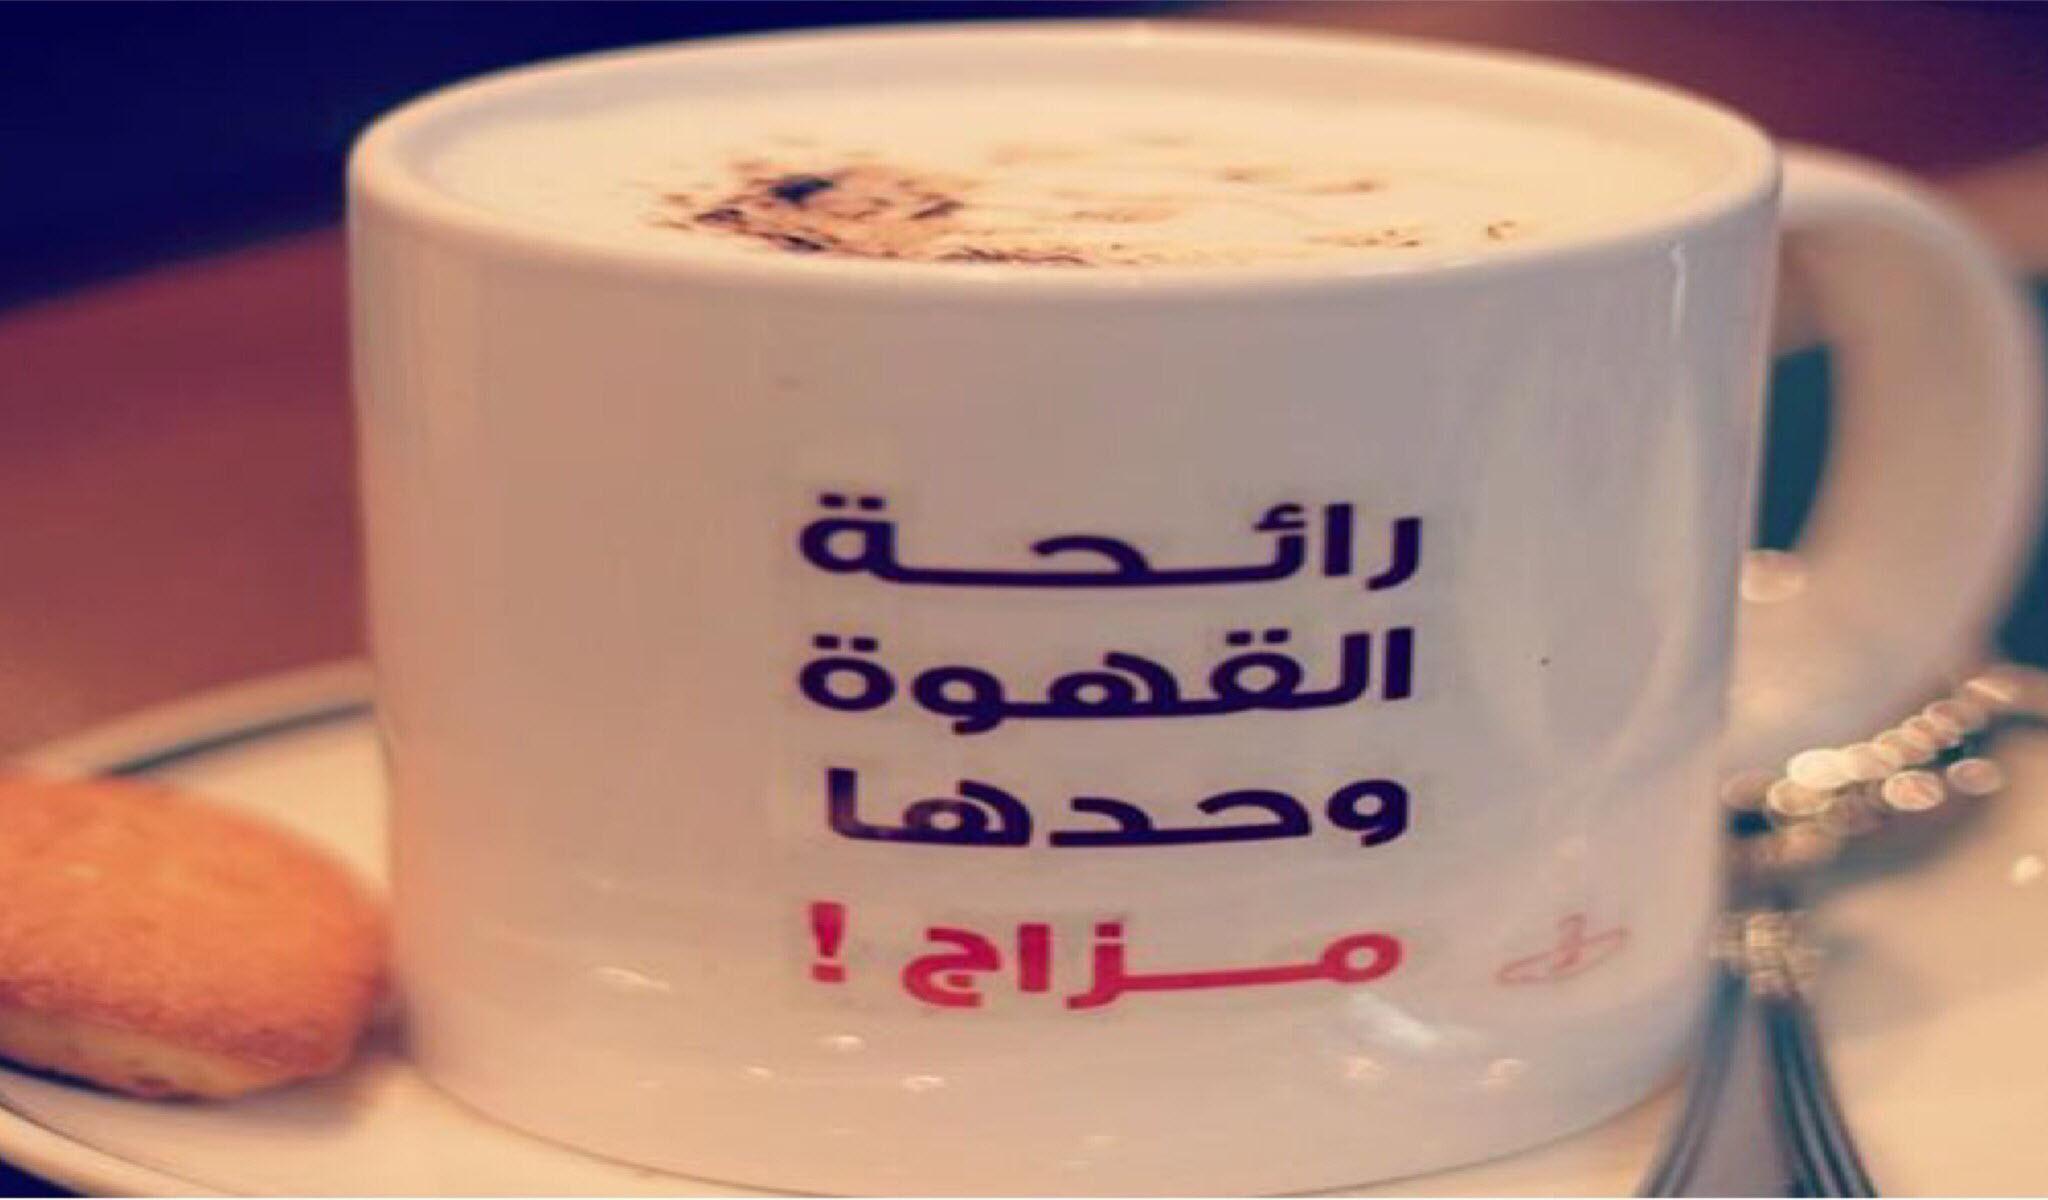 فوائد رائحة القهوة التي لا يعرفها الكثير